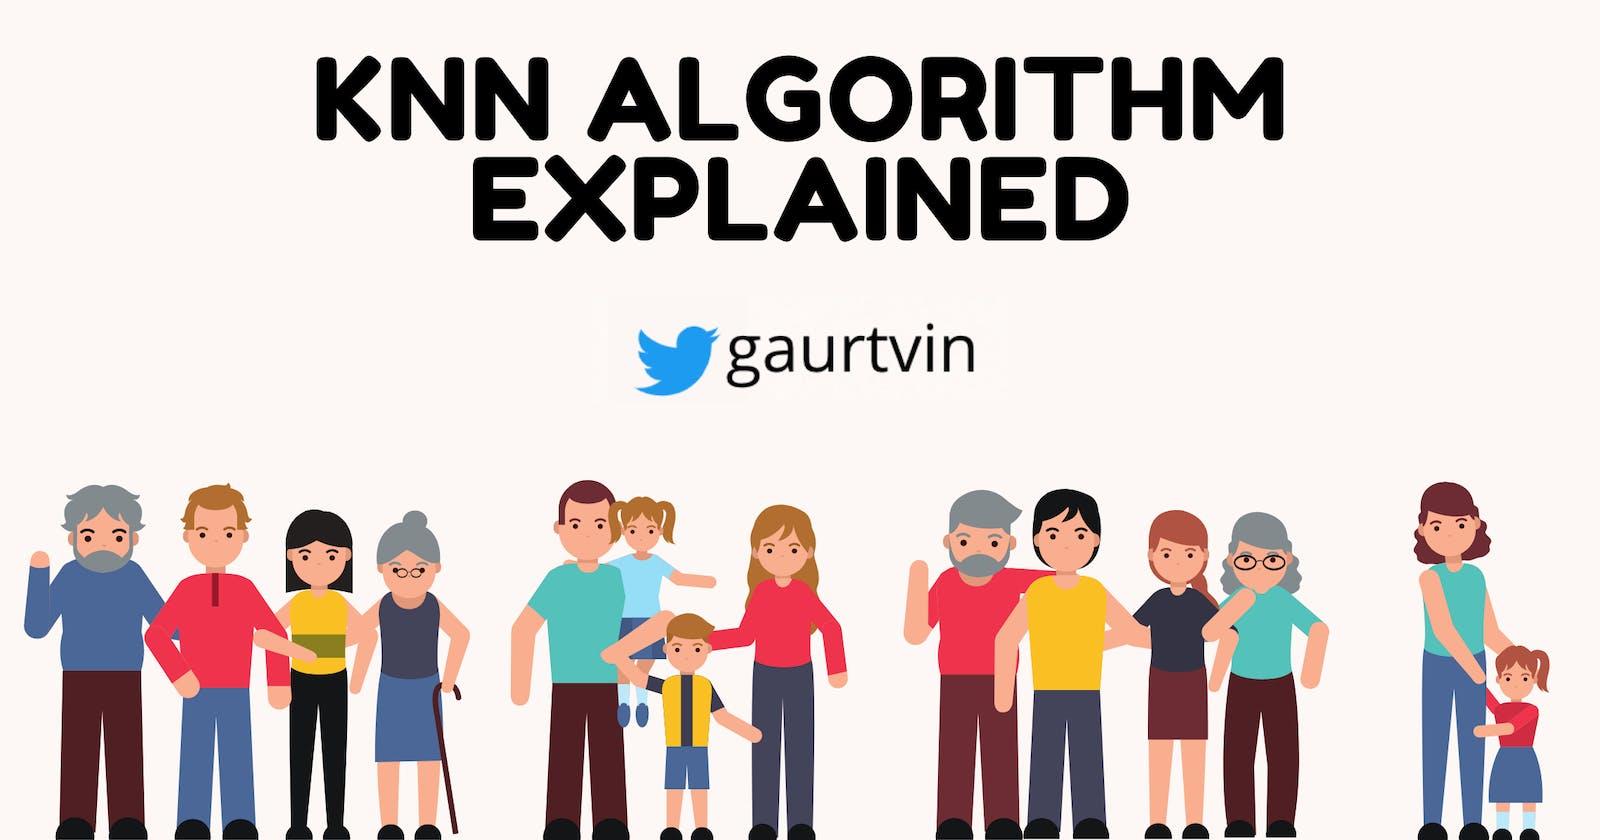 K-NN Algorithm Explained